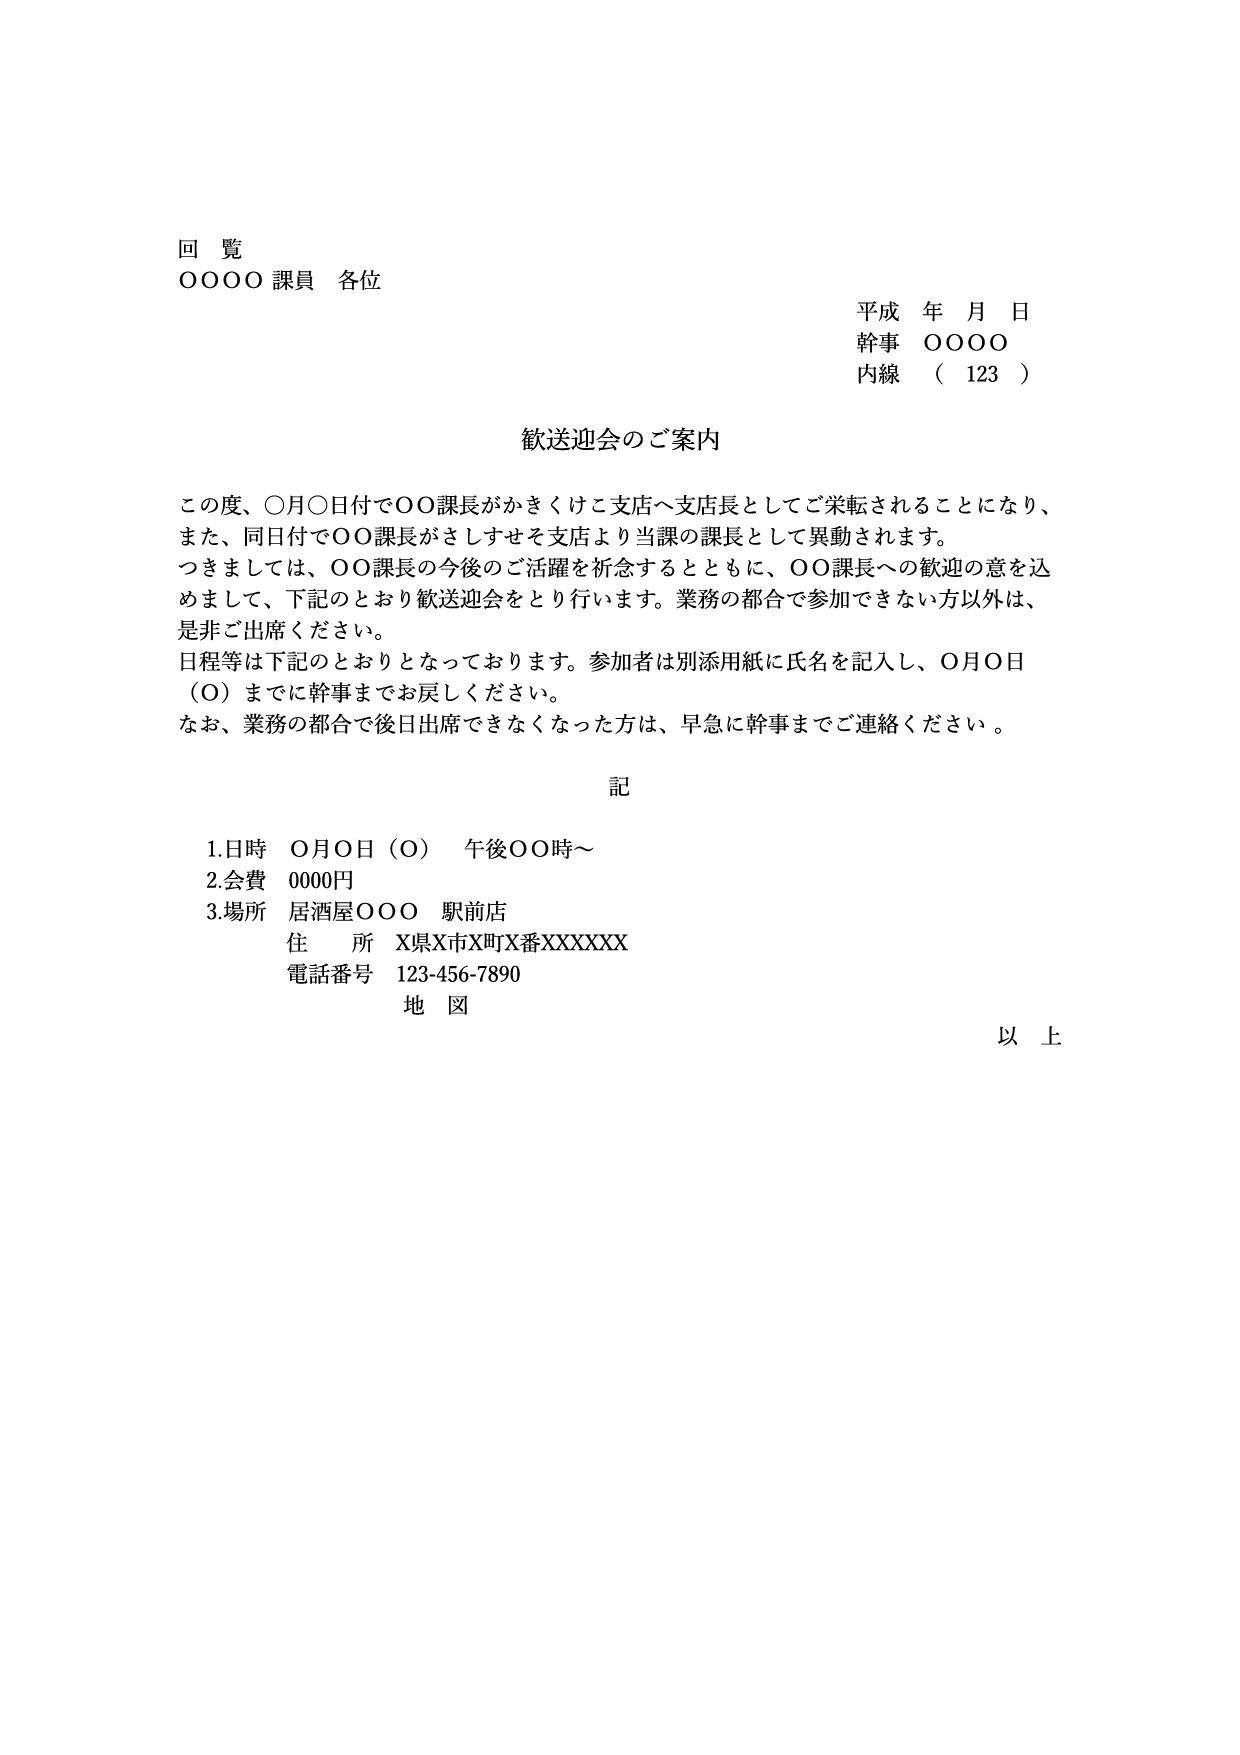 案内状テンプレート『歓送迎会のお知らせ』(ワード・ページズ)